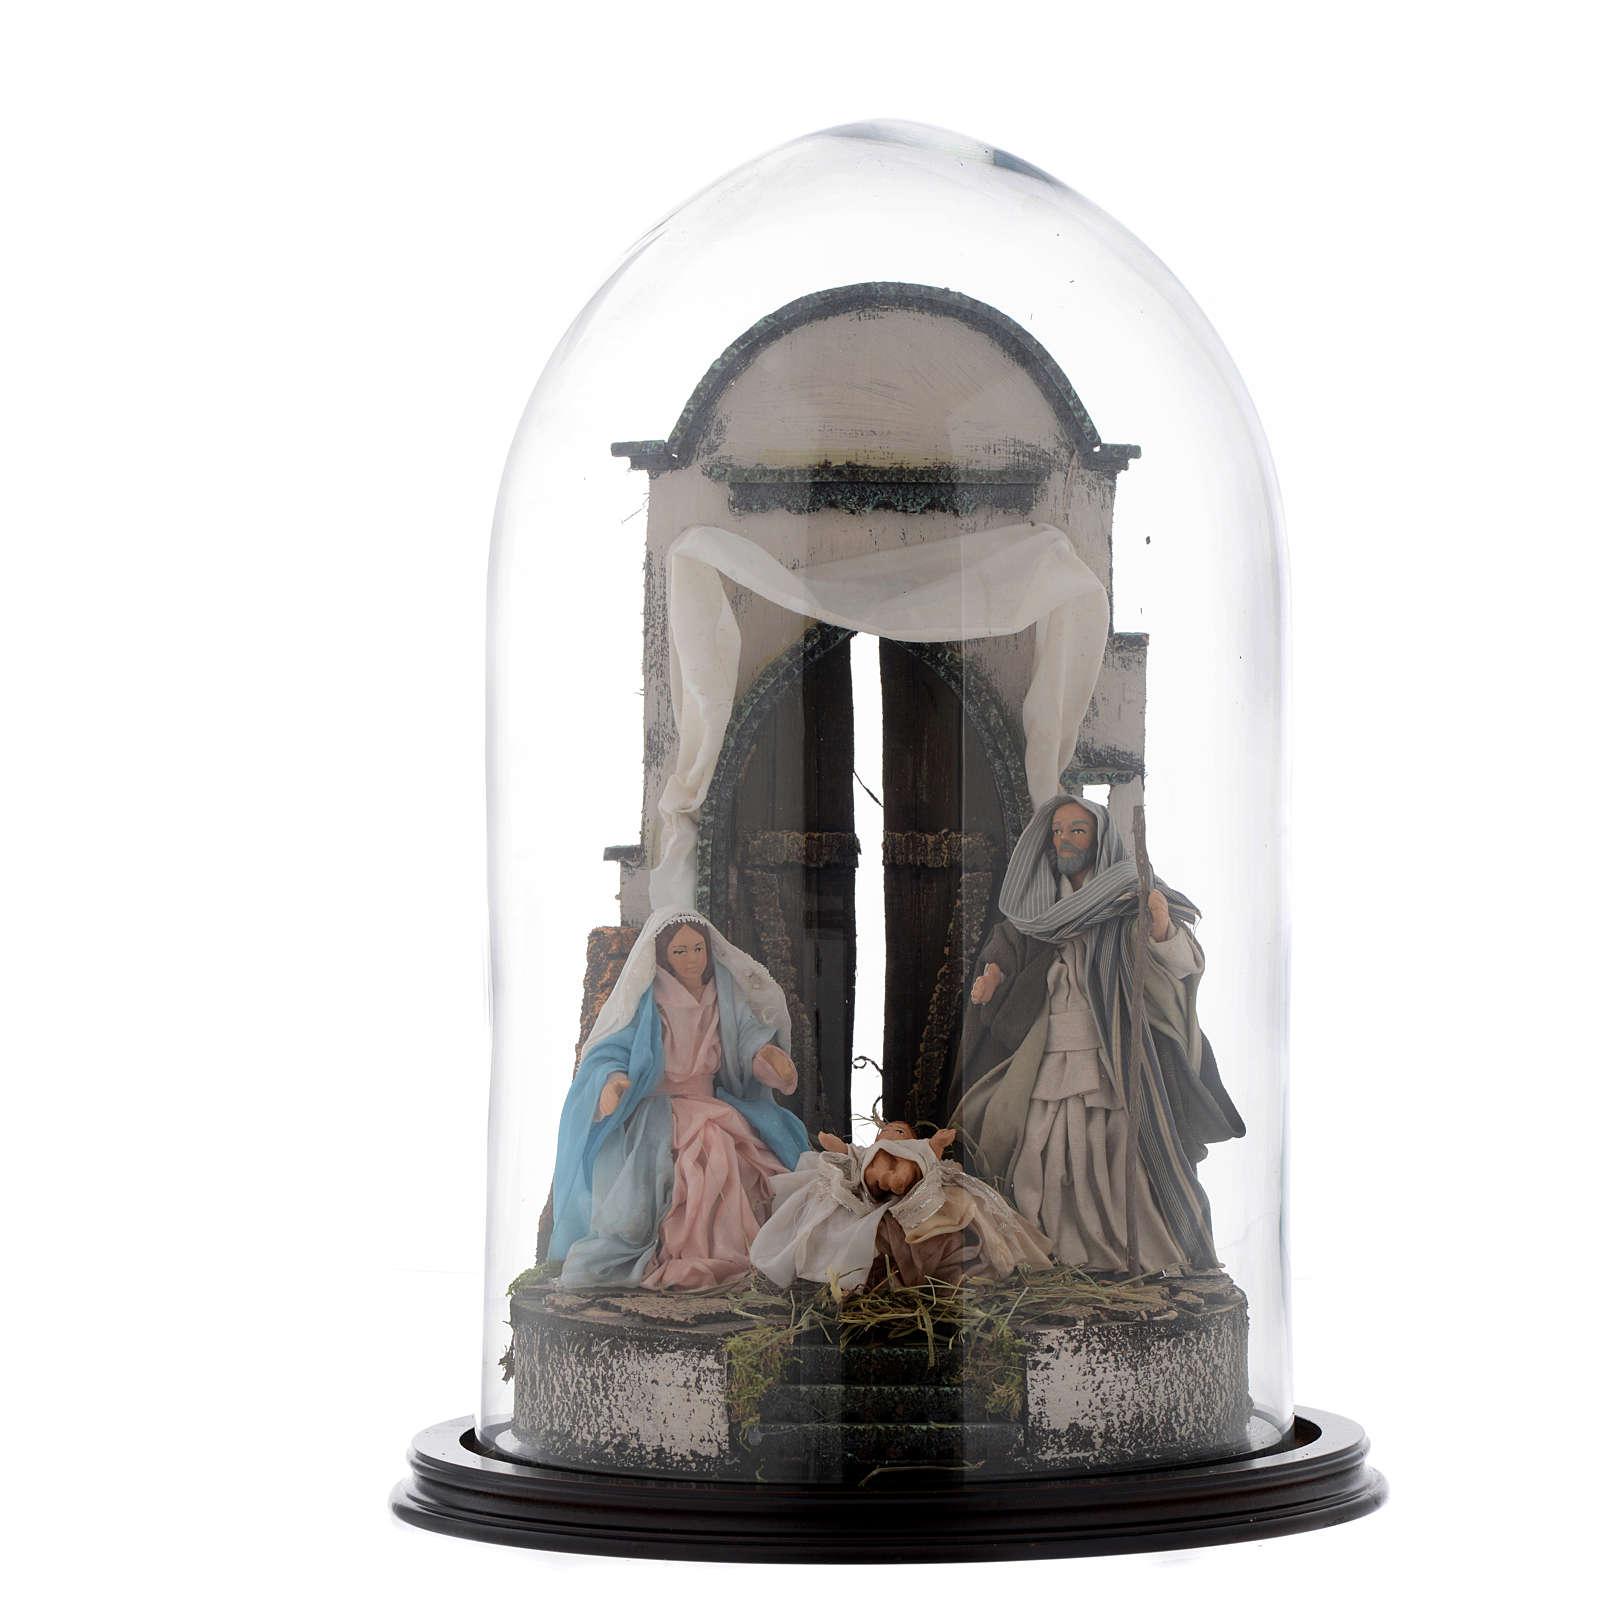 Neapolitan Nativity Scene Holy Family in glass dome 45x30 cm 4